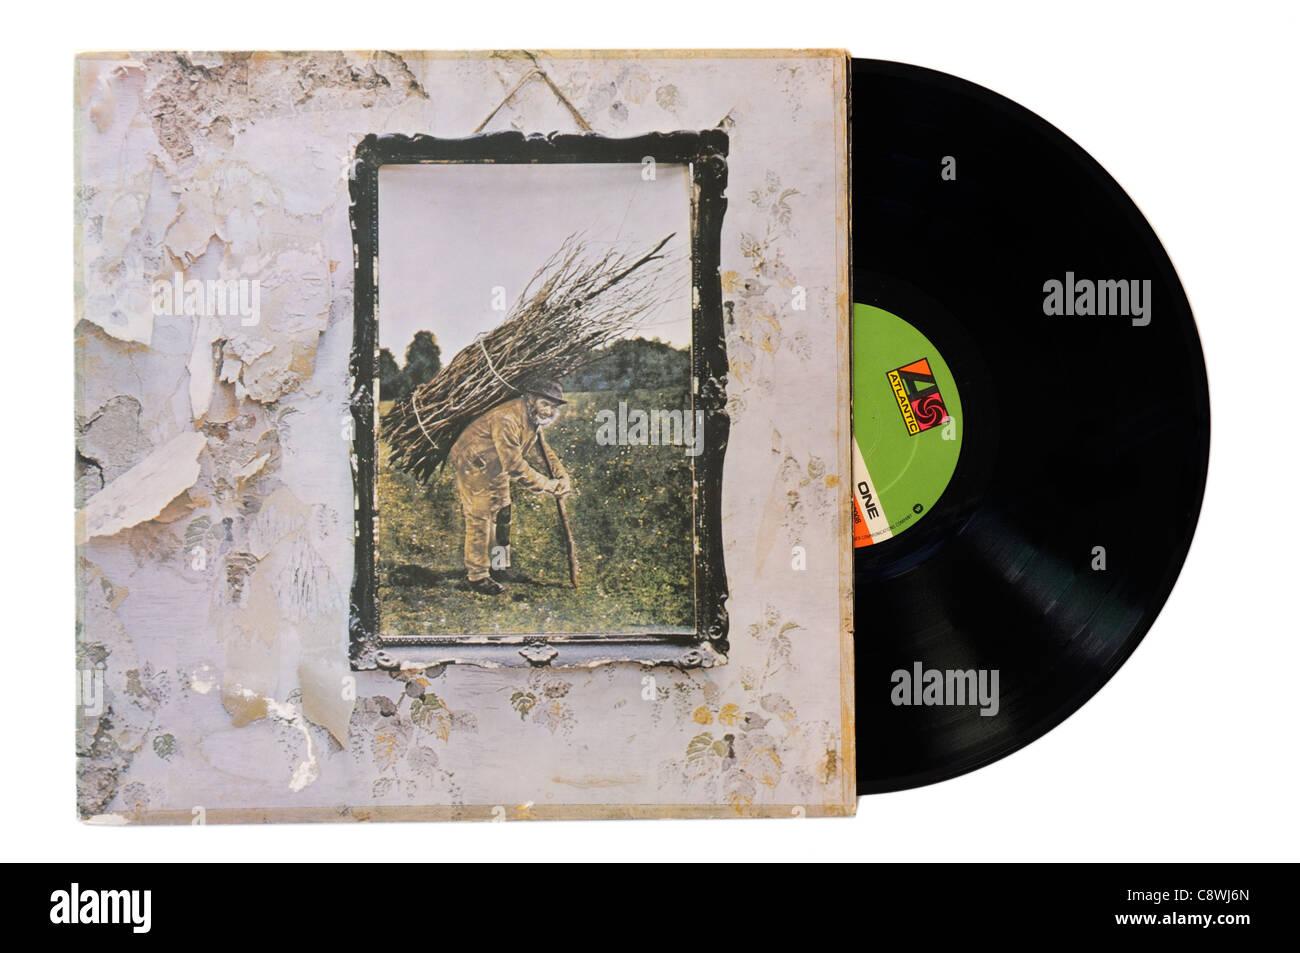 Led Zeppelin IV album - Stock Image